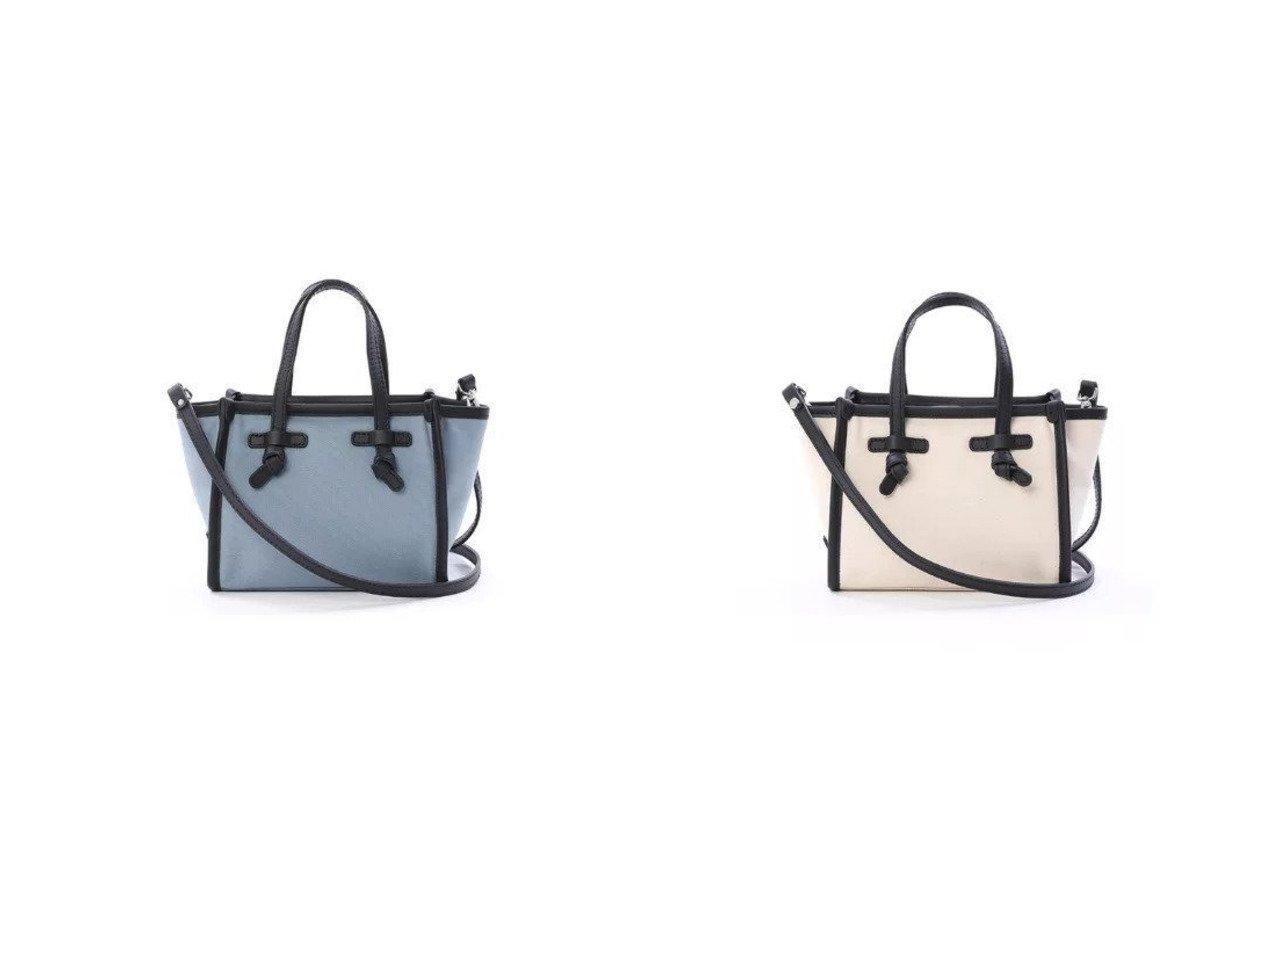 【INED/イネド】の《SUPERIOR CLOSET》キャンバスミニバッグ《GIANNI CHIARINI》 【バッグ・鞄】おすすめ!人気、トレンド・レディースファッションの通販 おすすめで人気の流行・トレンド、ファッションの通販商品 メンズファッション・キッズファッション・インテリア・家具・レディースファッション・服の通販 founy(ファニー) https://founy.com/ ファッション Fashion レディースファッション WOMEN ショルダー スクエア トリミング ハンドバッグ フォルム ワンポイント 人気 |ID:crp329100000039897